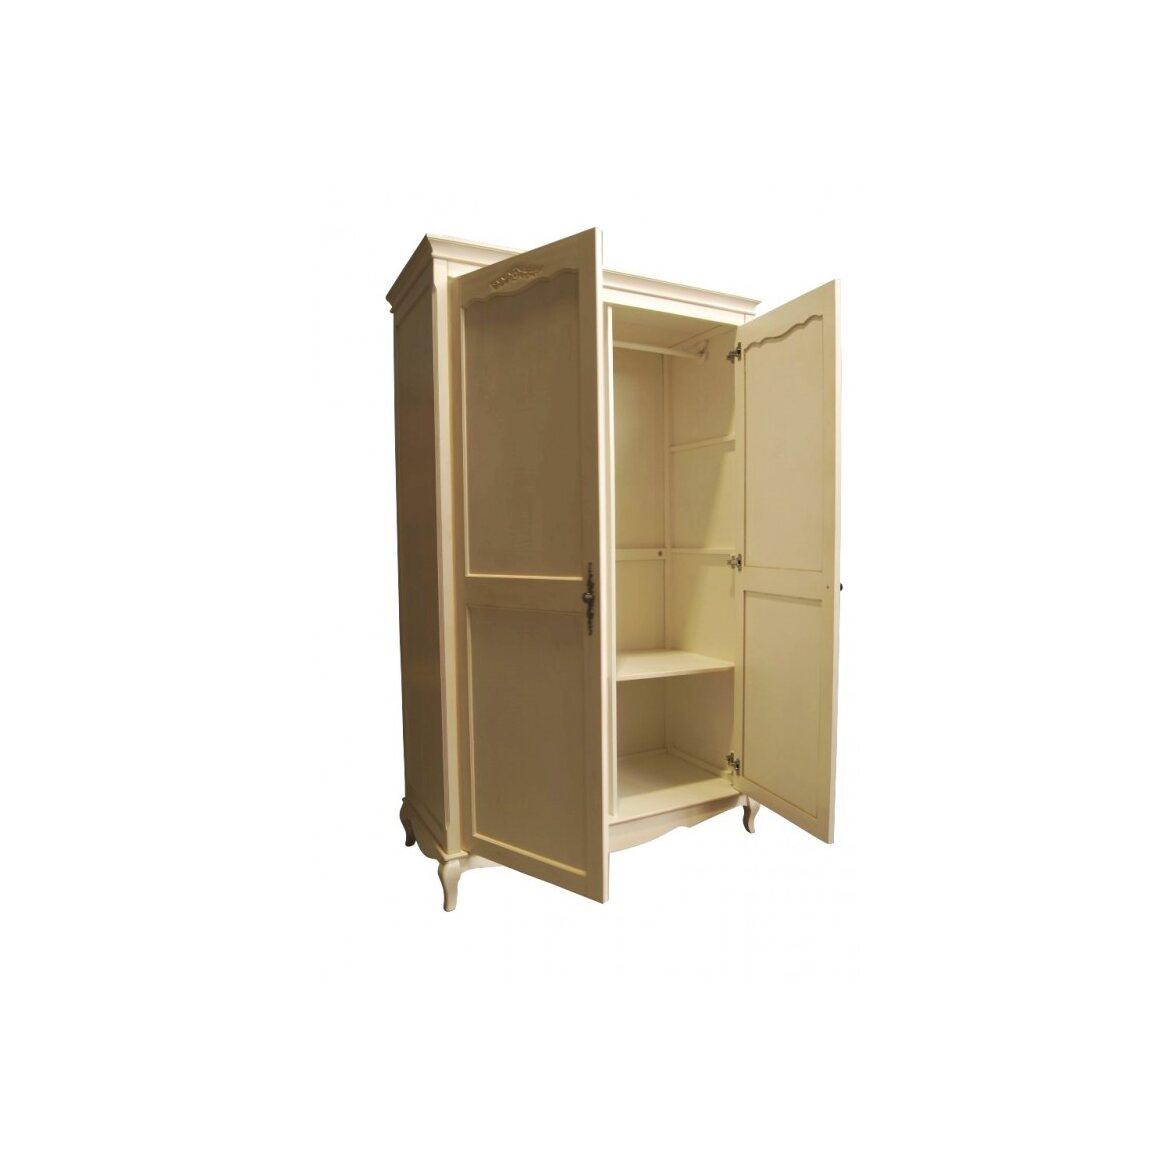 Платяной шкаф двухстворчатый Leontina, бежевого цвета 5   Платяные шкафы Kingsby